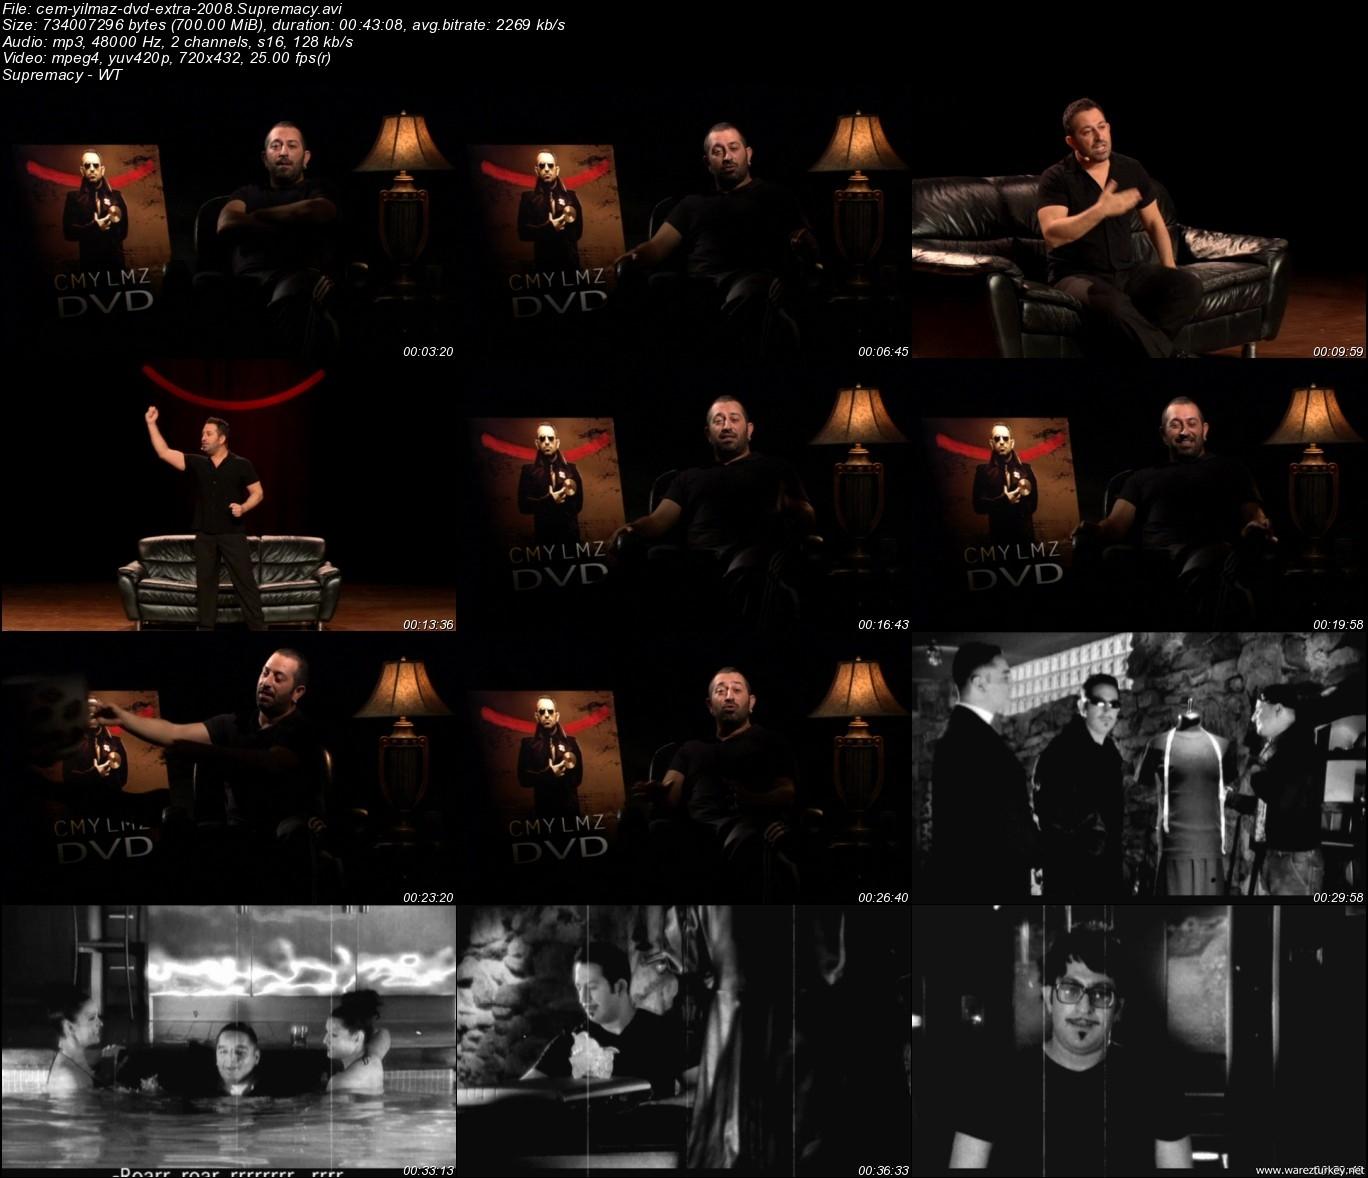 Cem Yılmaz 2008 DVDRip + DVD Ekstra indir » WarezTurkey